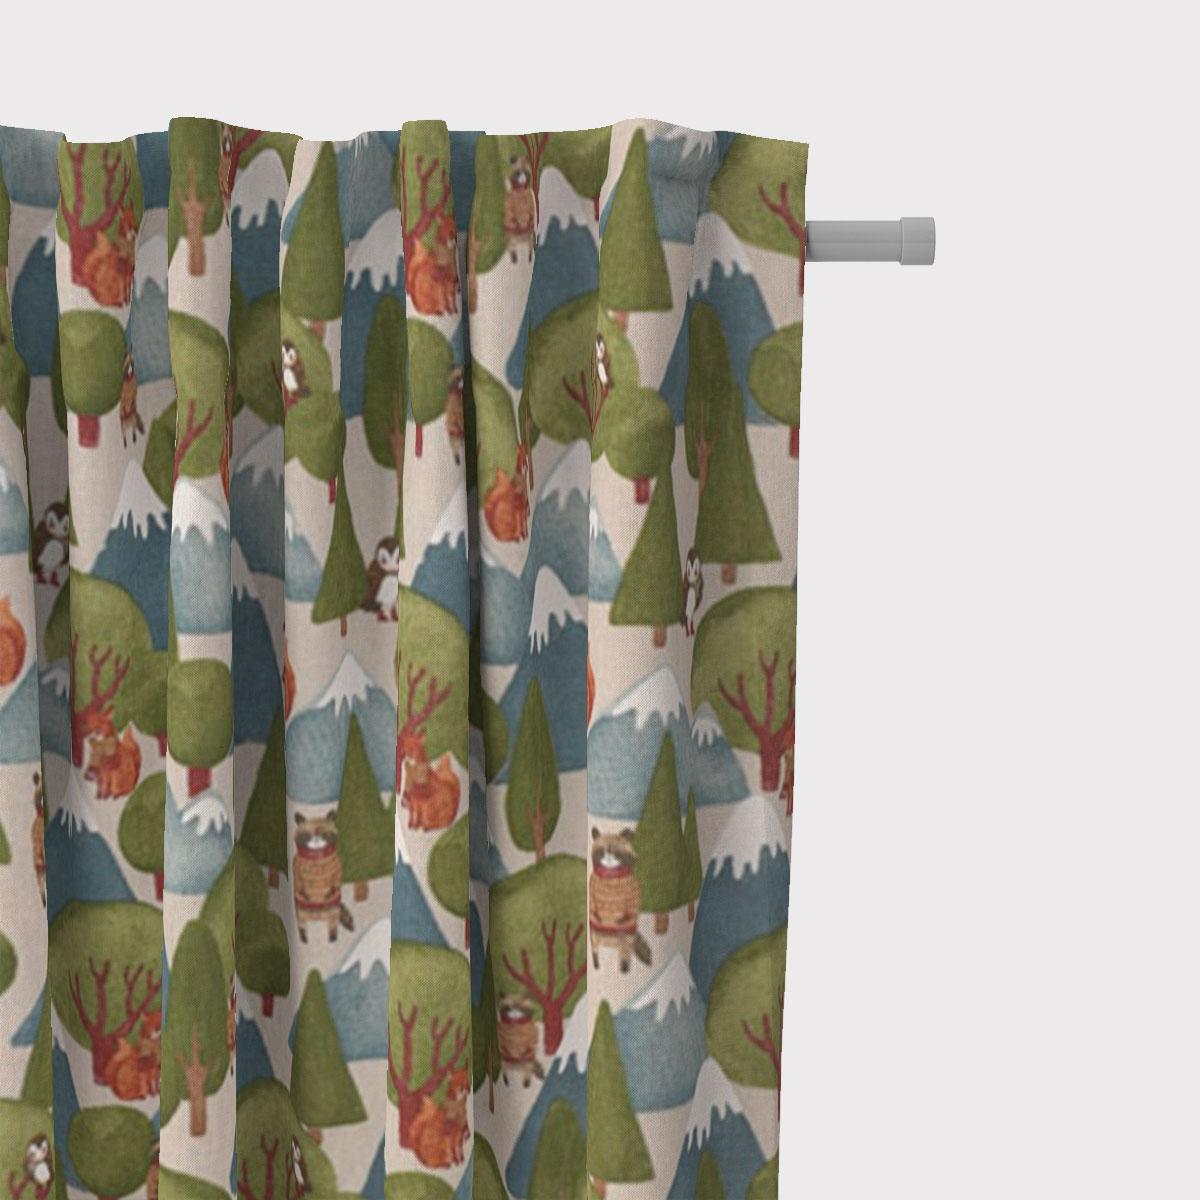 SCHÖNER LEBEN. Vorhang Leinenlook Wald Berge Wintertiere Fuchs Eule Waschbär natur grün blau  245cm oder Wunschlänge